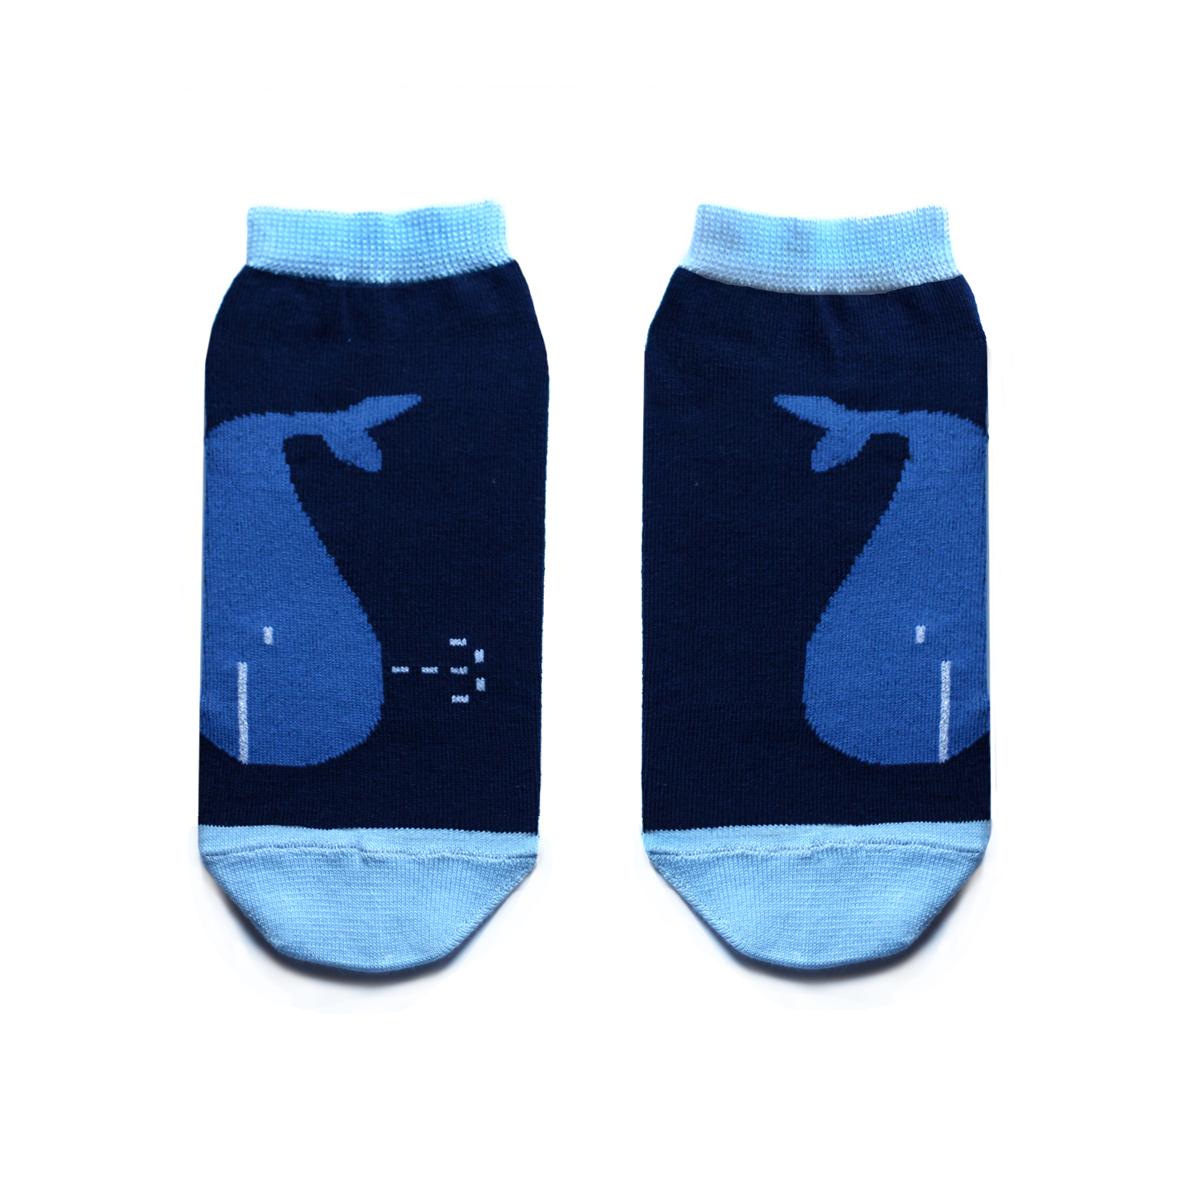 Носки женские Big Bang Socks, цвет: темно-синий, голубой. ca1322. Размер 35/39ca1322Укороченные женские носки Big Bang Socks изготовлены из высококачественного хлопка с добавлением полиамидных и эластановых волокон, которые обеспечивают великолепную посадку. Носки отличаются ярким стильным дизайном, они оформлены изображением китов. Удобная резинка идеально облегает ногу и не пережимает сосуды, а усиленные пятка и мысок повышают износоустойчивость носка. Дизайнерские носки Big Bang Socks - яркая деталь в вашем образе и оригинальный подарок для друзей и близких.